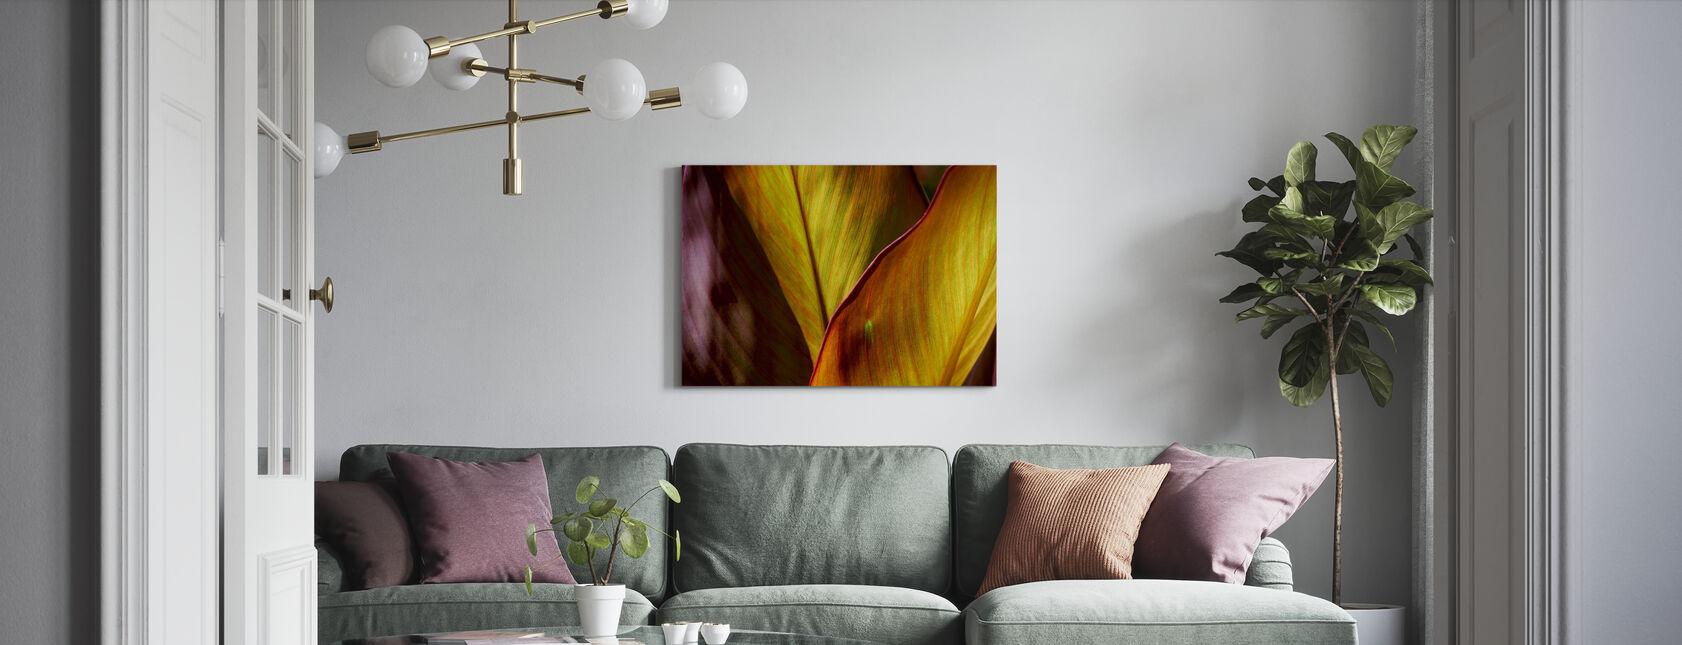 Backlit Leaves - Canvas print - Living Room